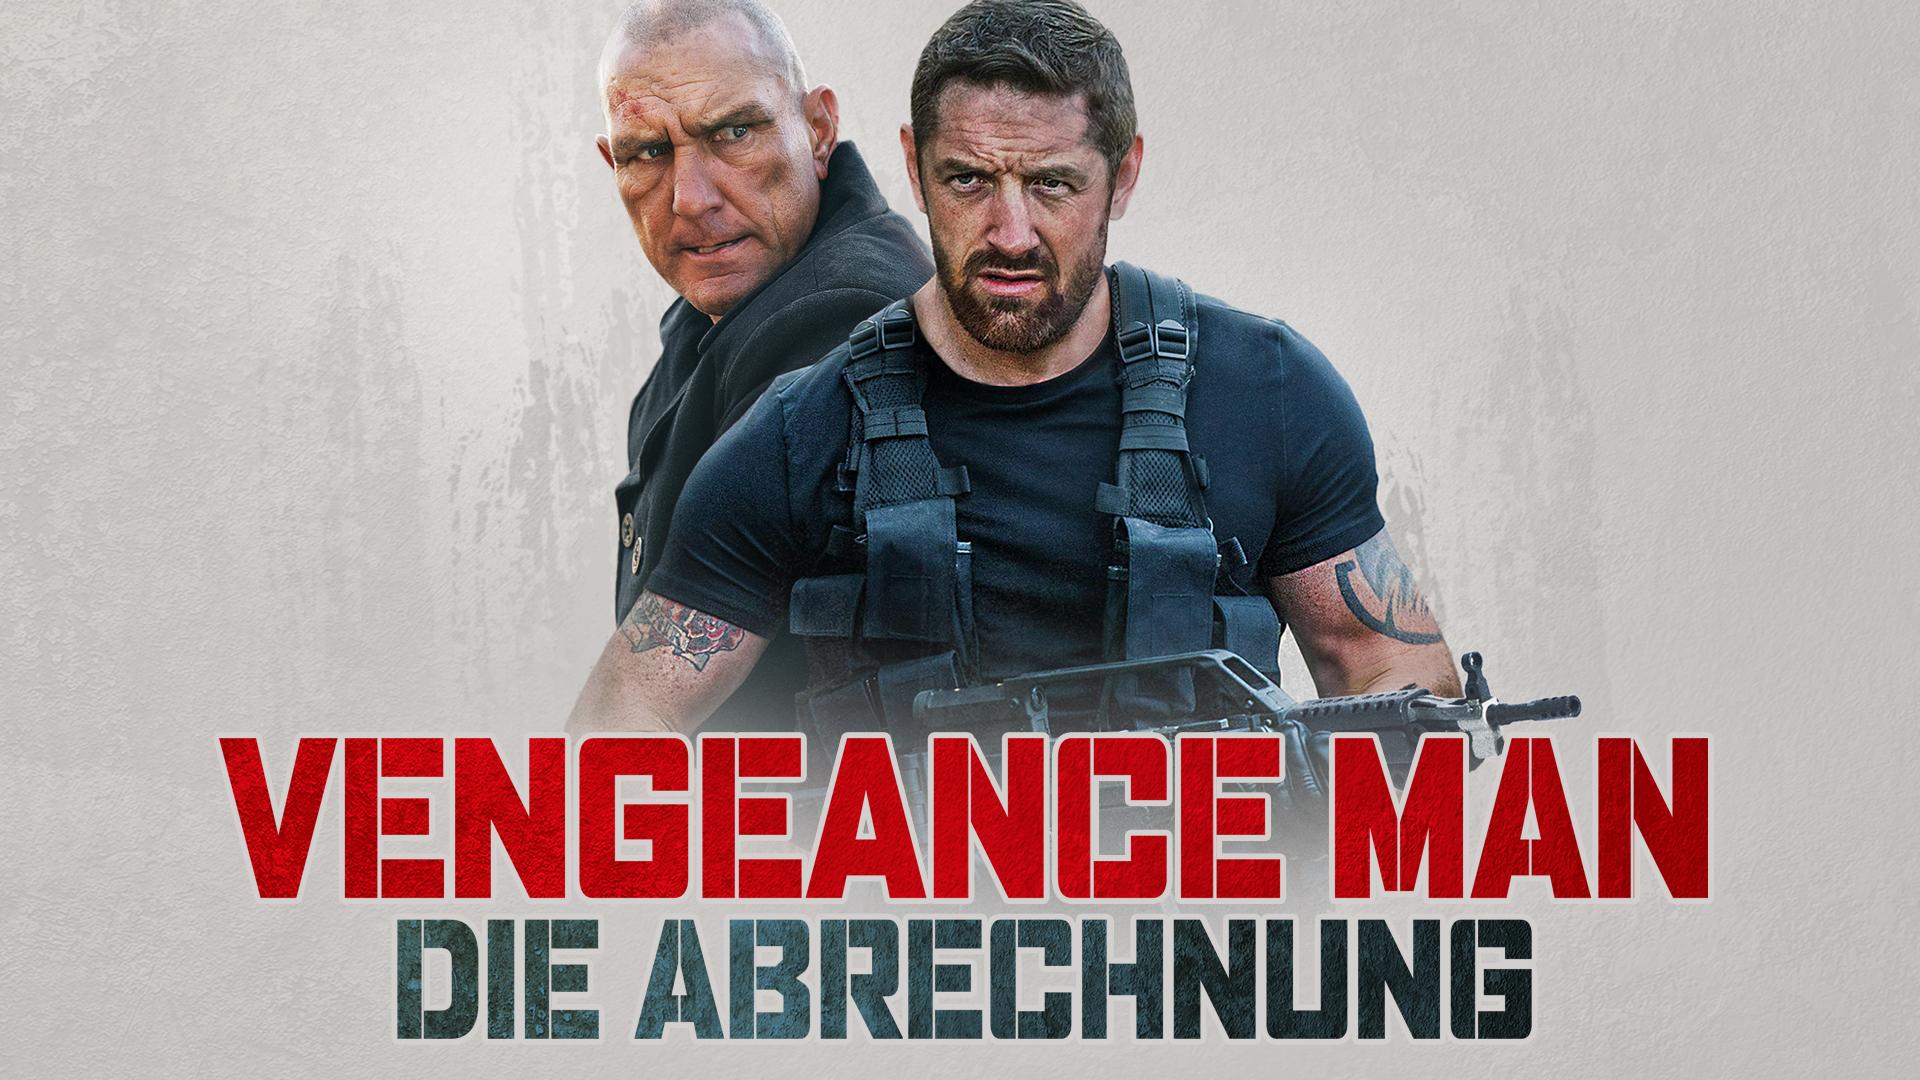 Vengeance Man - Die Abrechnung